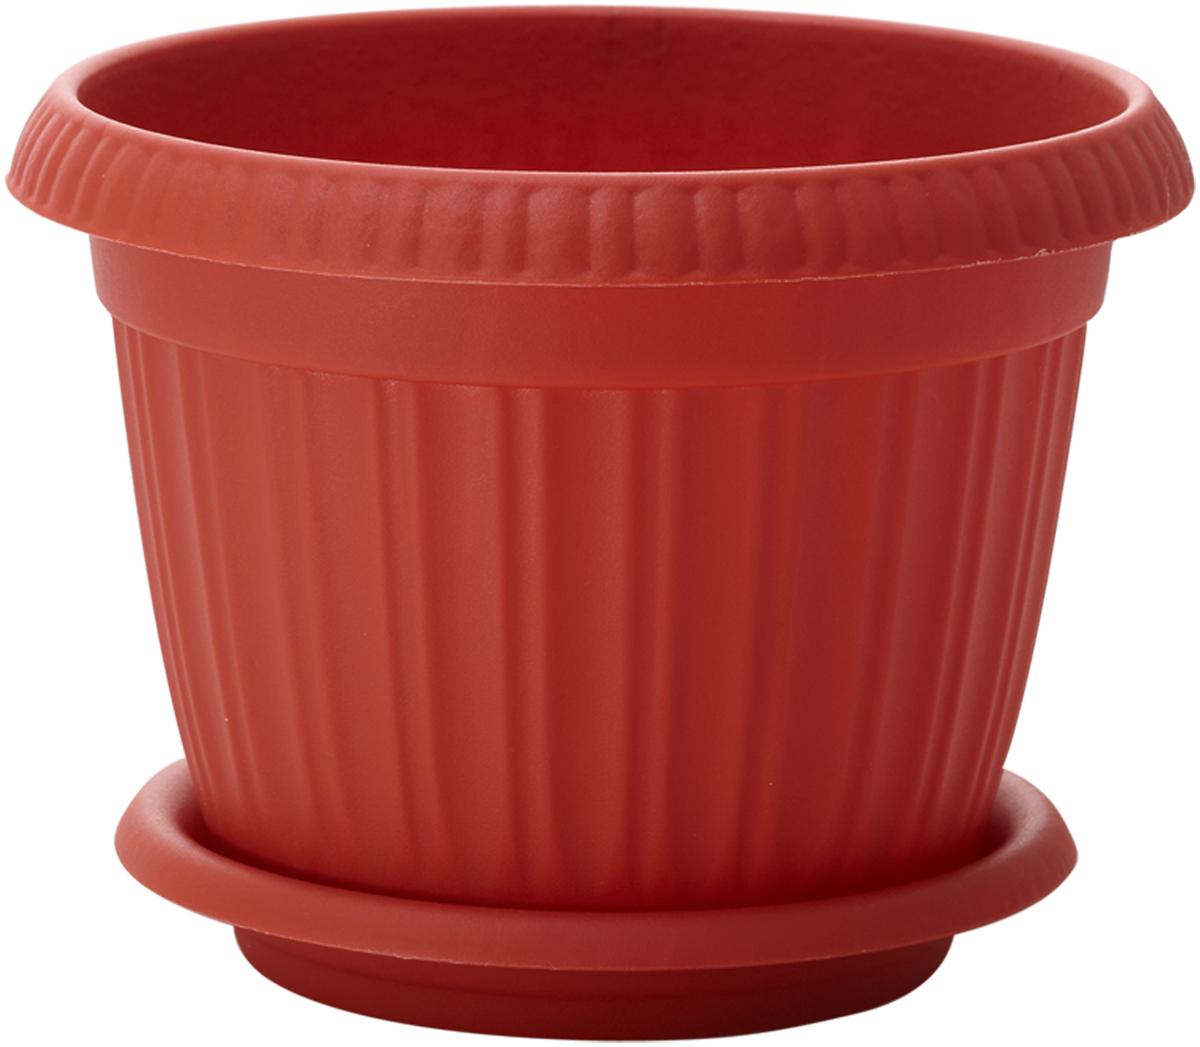 Горшок для цветов InGreen Таити, с подставкой, диаметр 20 см. ING41020FТРING41020FТРЛюбой, даже самый современный и продуманный интерьер будет не завершенным без растений. Они не только очищают воздух и насыщают его кислородом, но и заметно украшают окружающее пространство. Такому полезному члену семьи просто необходимо красивое и функциональное кашпо, оригинальный горшок или необычная ваза! Мы предлагаем - Горшок для цветов 1,7 л, d=20 см Таити с подставкой, цвет терракотовый! Оптимальный выбор материала - это пластмасса! Почему мы так считаем? Малый вес. С легкостью переносите горшки и кашпо с места на место, ставьте их на столики или полки, подвешивайте под потолок, не беспокоясь о нагрузке. Простота ухода. Пластиковые изделия не нуждаются в специальных условиях хранения. Их легко чистить достаточно просто сполоснуть теплой водой. Никаких царапин. Пластиковые кашпо не царапают и не загрязняют поверхности, на которых стоят. Пластик дольше хранит влагу, а значит растение реже нуждается в поливе. Пластмасса не пропускает воздух корневой системе растения не грозят резкие перепады температур. Огромный выбор форм, декора и расцветок вы без труда подберете что-то, что идеально впишется в уже существующий интерьер. Соблюдая нехитрые правила ухода, вы можете заметно продлить срок службы горшков, вазонов и кашпо из пластика: всегда учитывайте размер кроны и корневой системы растения (при разрастании большое растение способно повредить маленький горшок) берегите изделие от воздействия прямых солнечных лучей, чтобы кашпо и горшки не выцветали держите кашпо и горшки из пластика подальше от нагревающихся поверхностей. Создавайте прекрасные цветочные композиции, выращивайте рассаду или необычные растения, а низкие цены позволят вам не ограничивать себя в выборе.